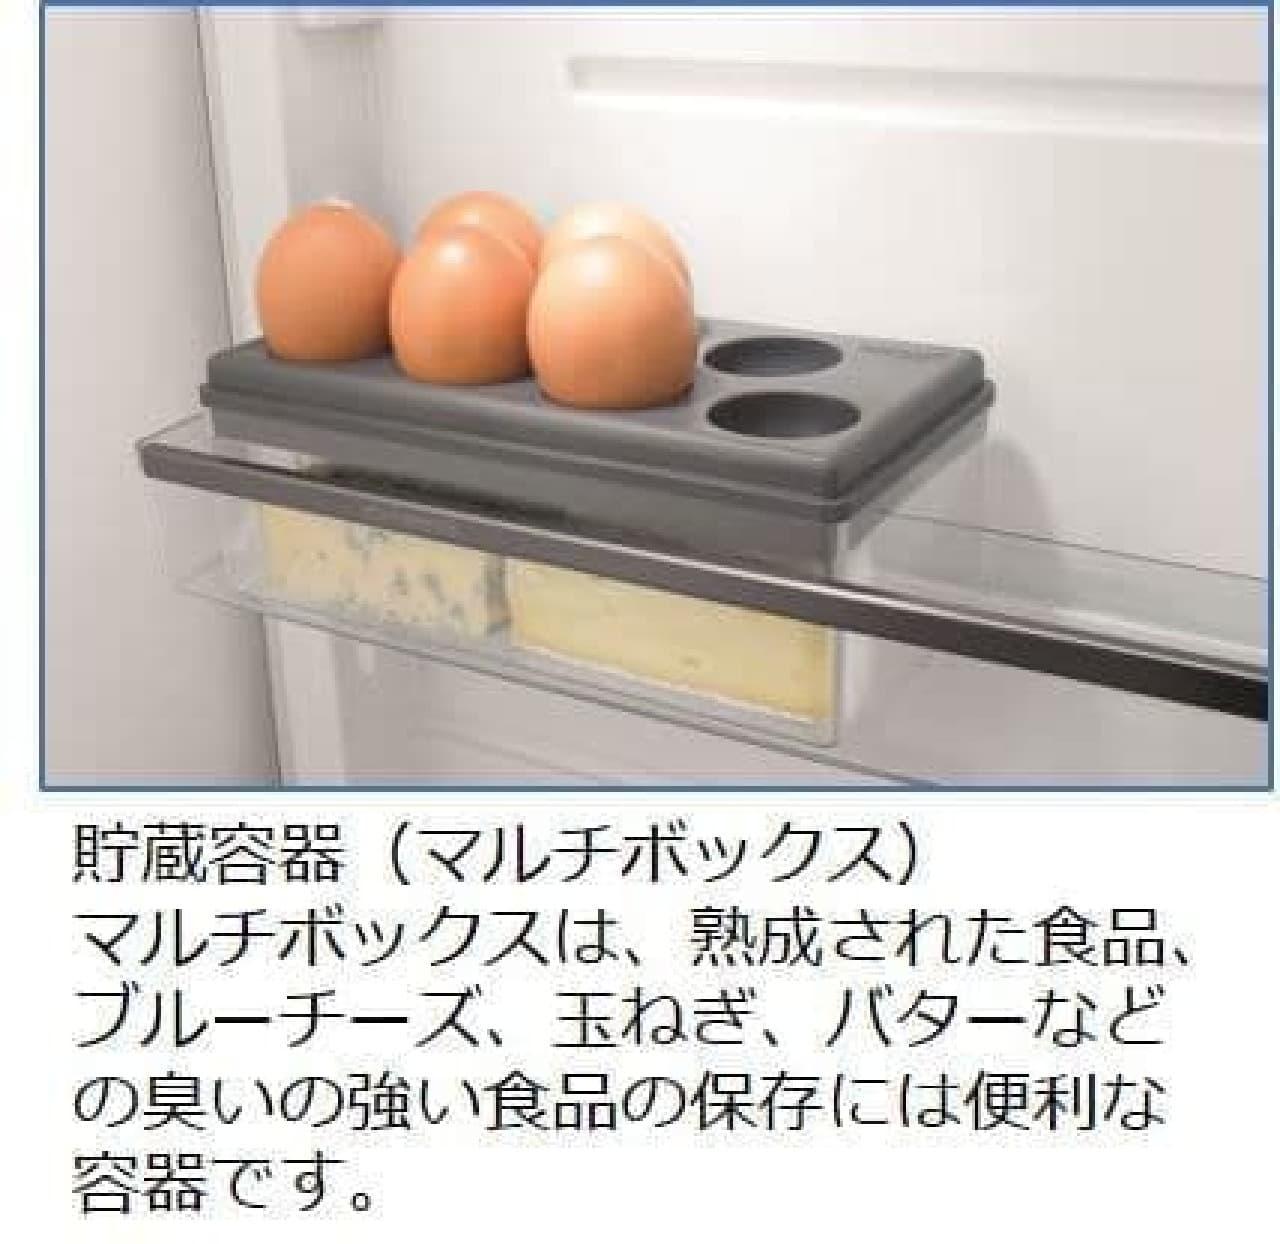 VWバスにインスパイアされた冷蔵庫、二子玉川 蔦屋家電で